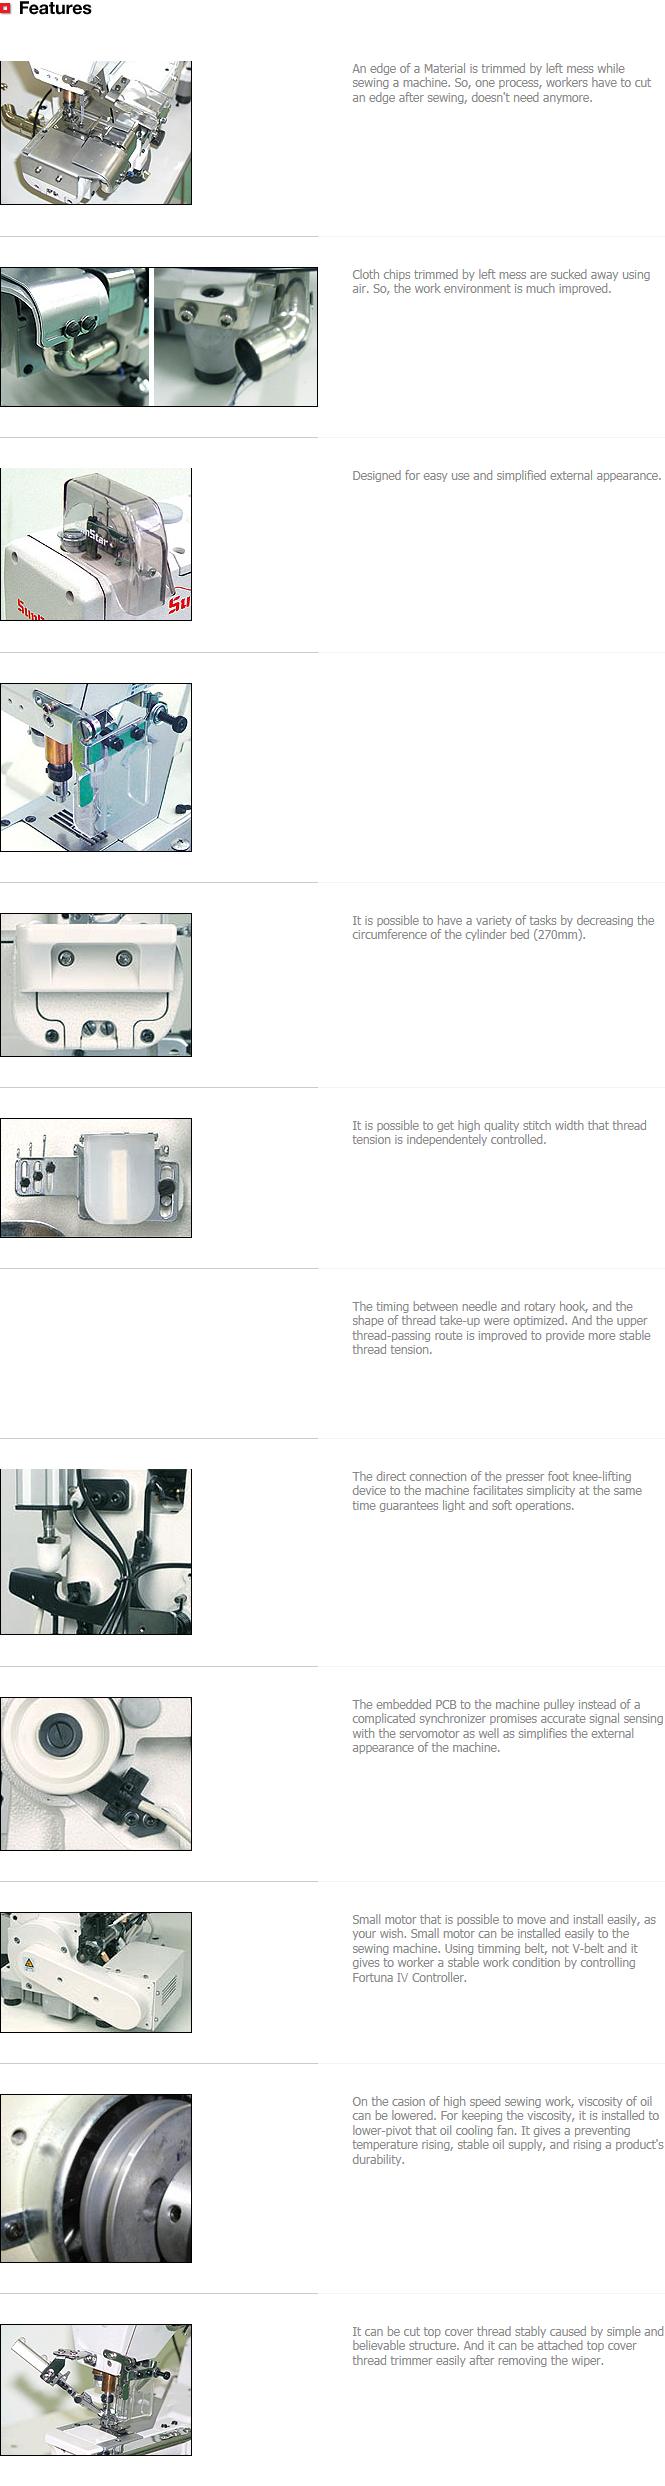 SunStar Interlock SC7310 Series 1